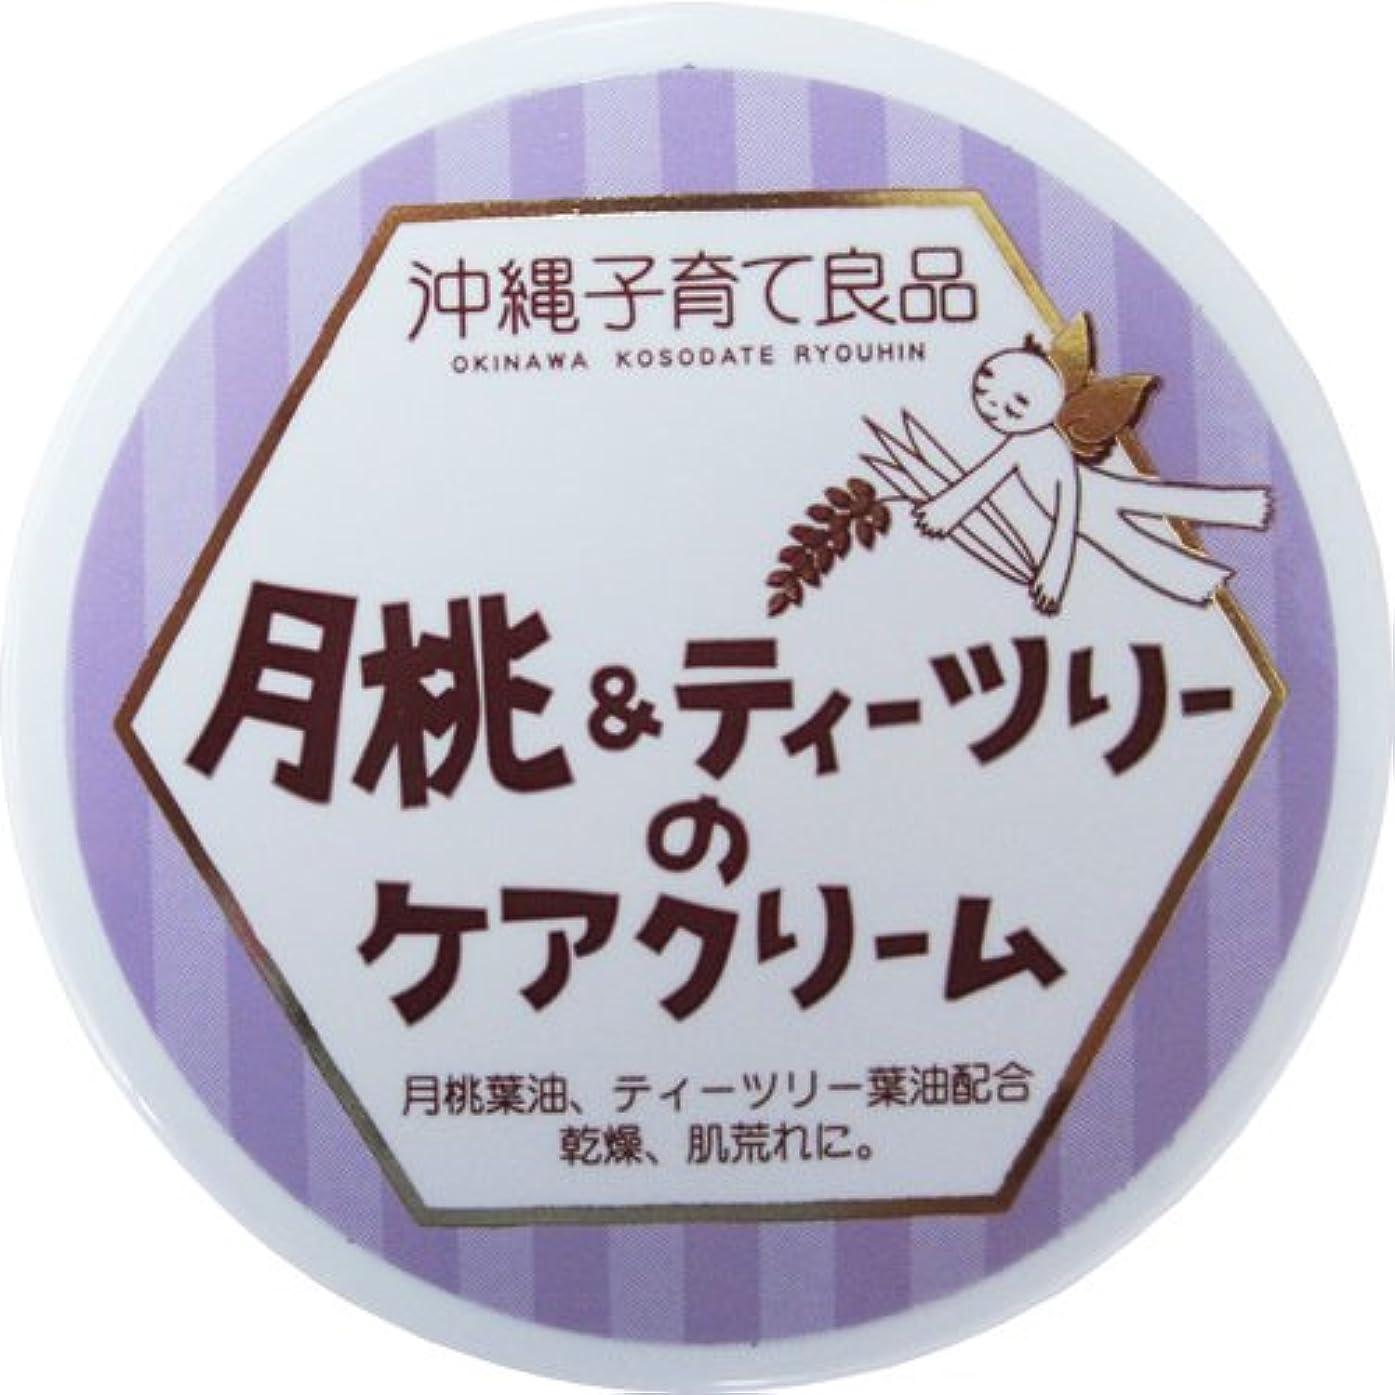 洪水音楽家哀れな沖縄子育て良品 月桃&ティツリーのケアクリーム (25g)